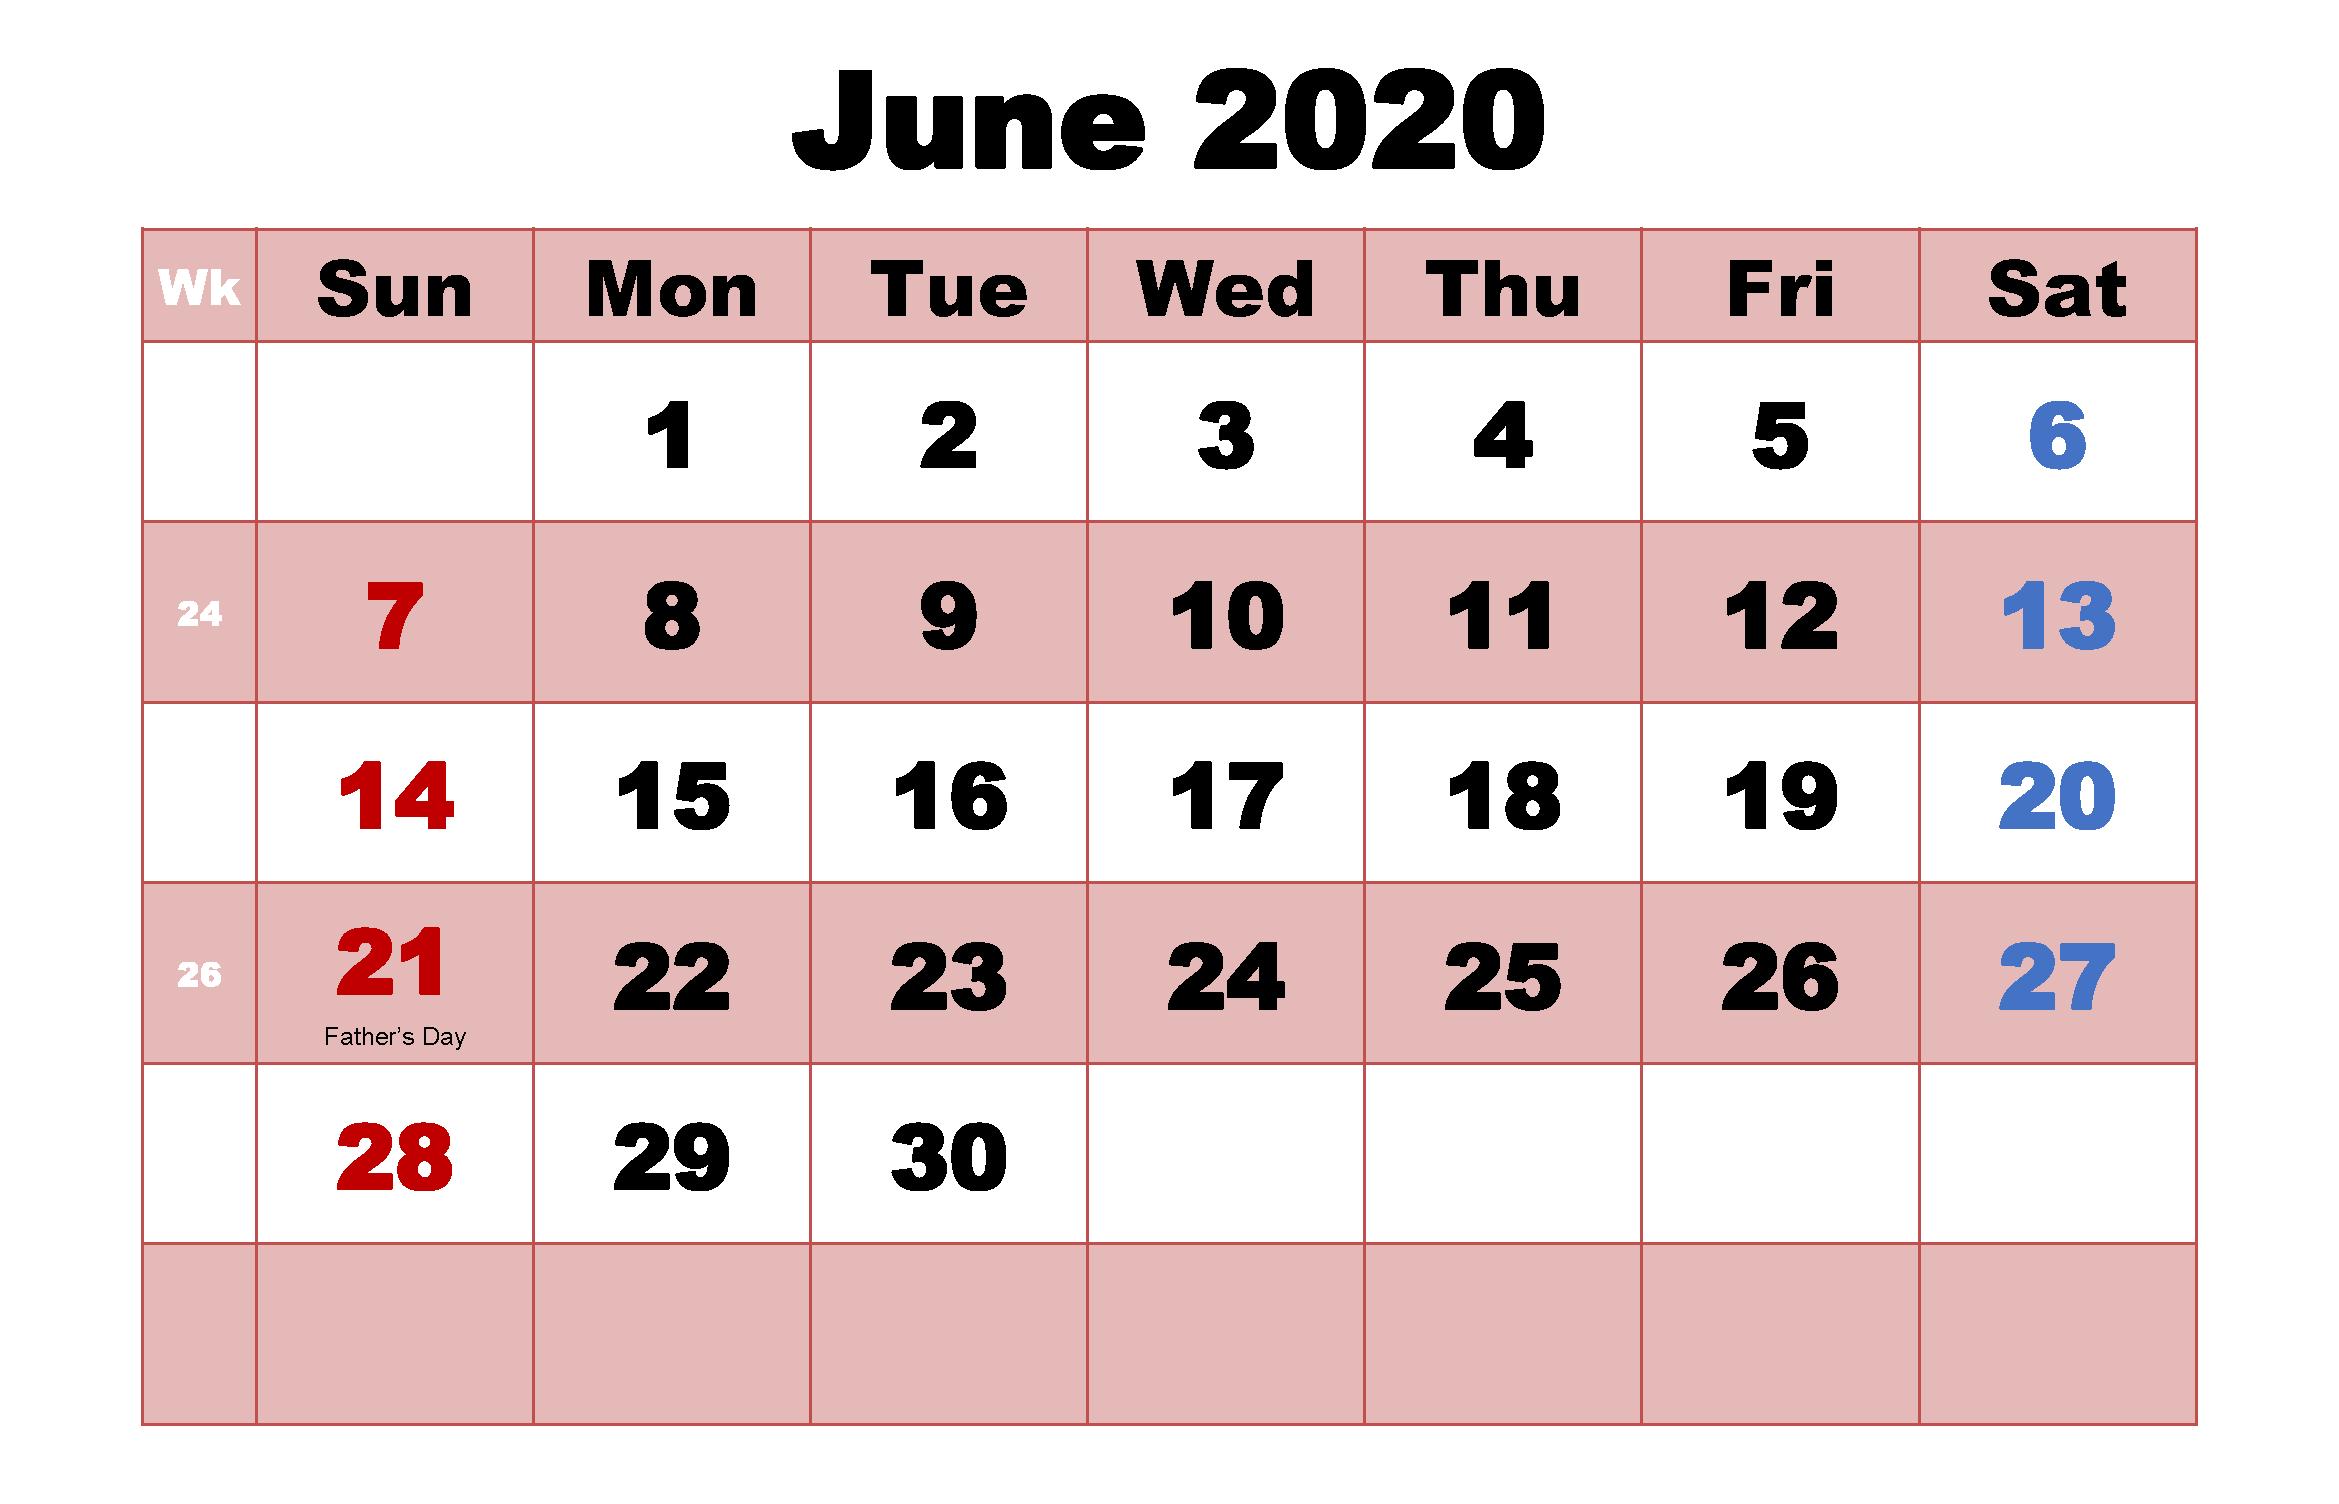 Holidays Calendar Template June 2020